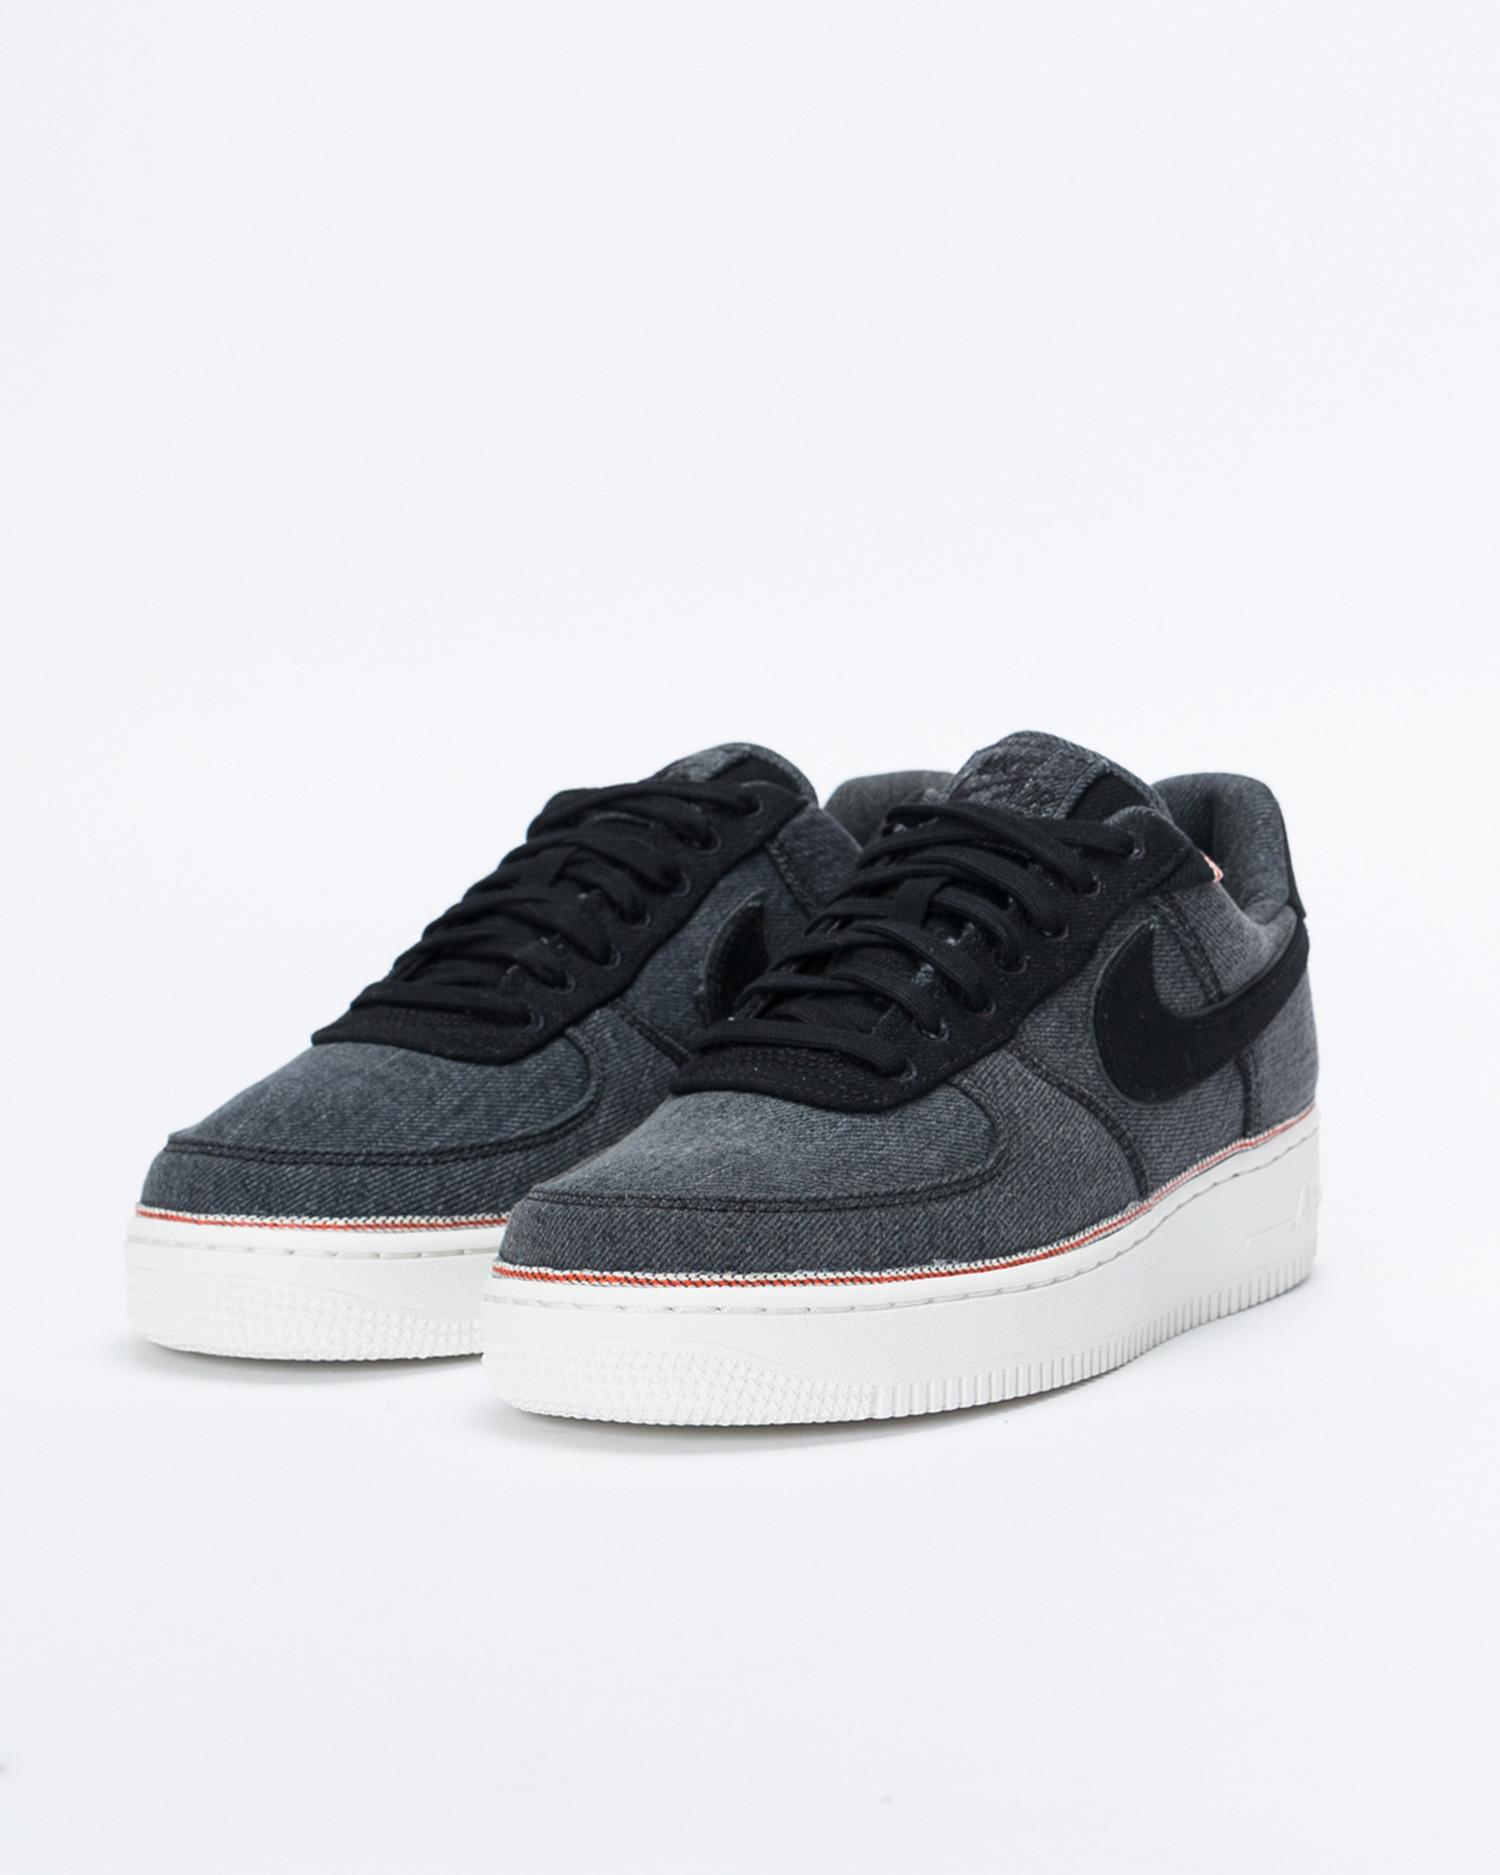 Nike x 3x1 Air Force 1 'Denim Pack' Black/Black-Summit White